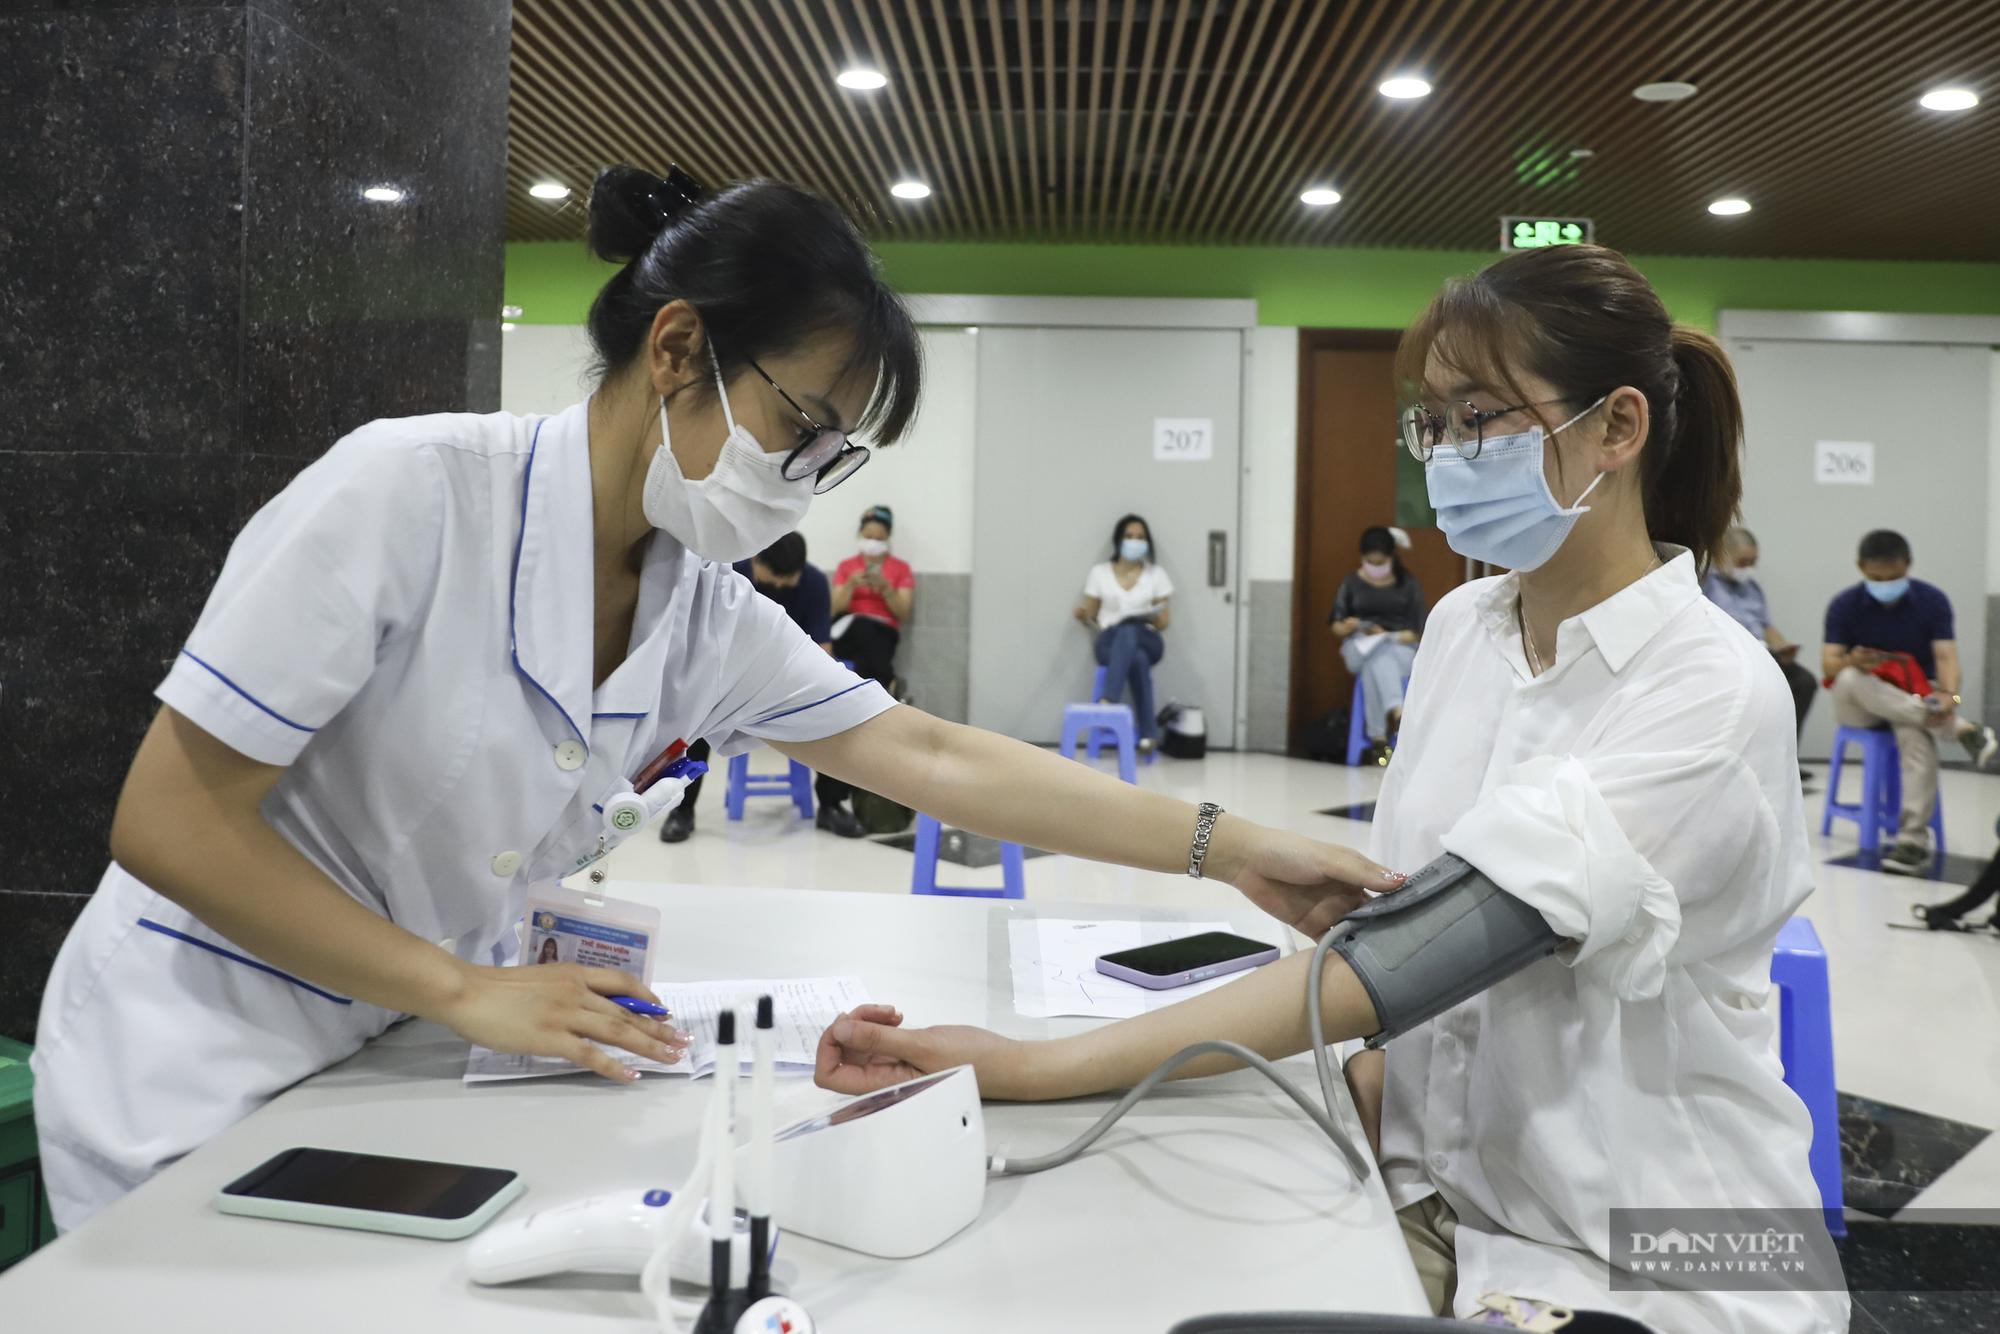 Giám đốc Sở Y tế Hà Nội thông tin về việc người dân phải tự trả phí tiêm vắc xin Covid-19? - Ảnh 1.